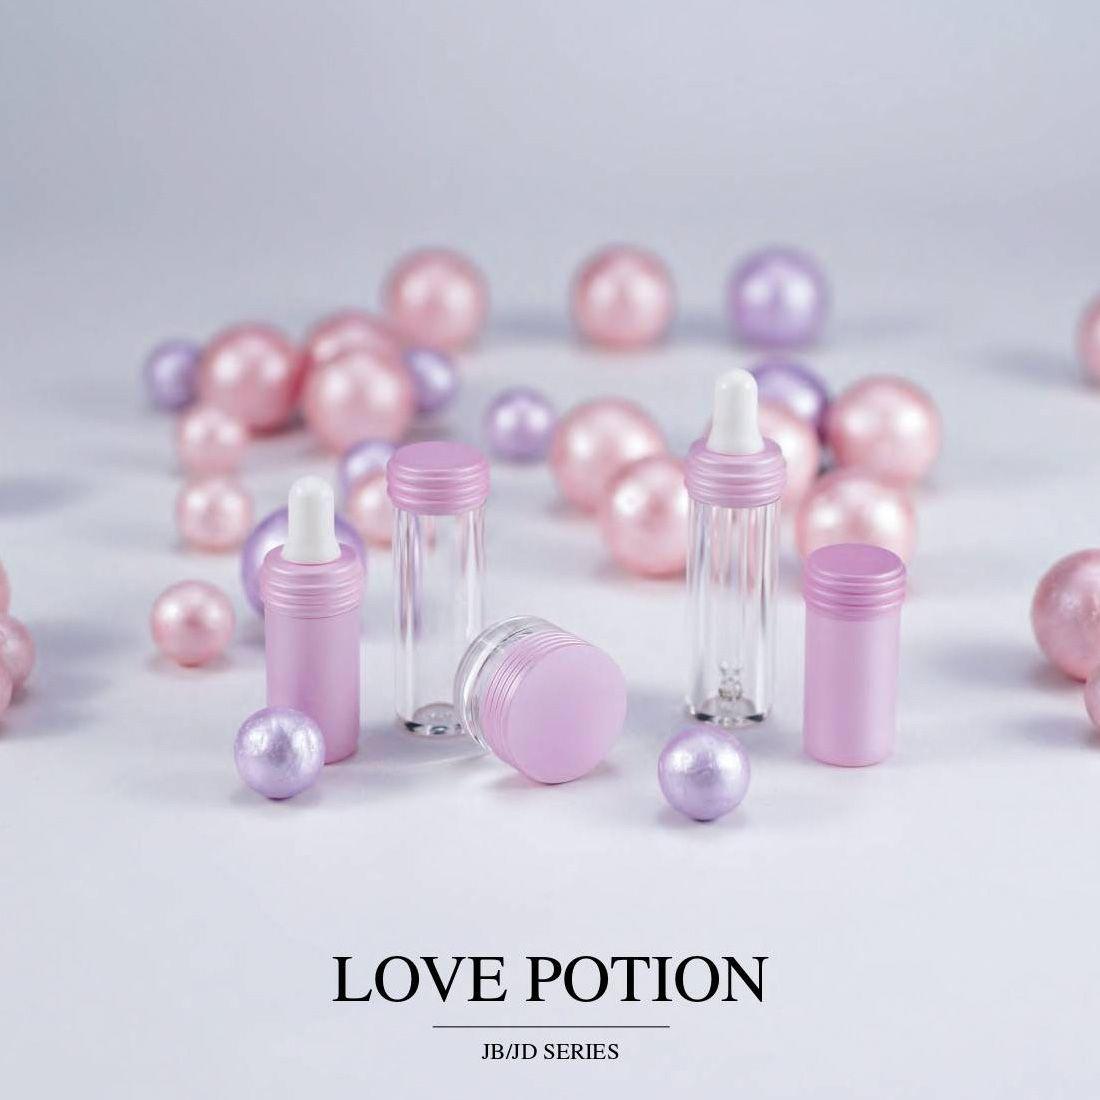 COSJAR cometic container design - Love potion series